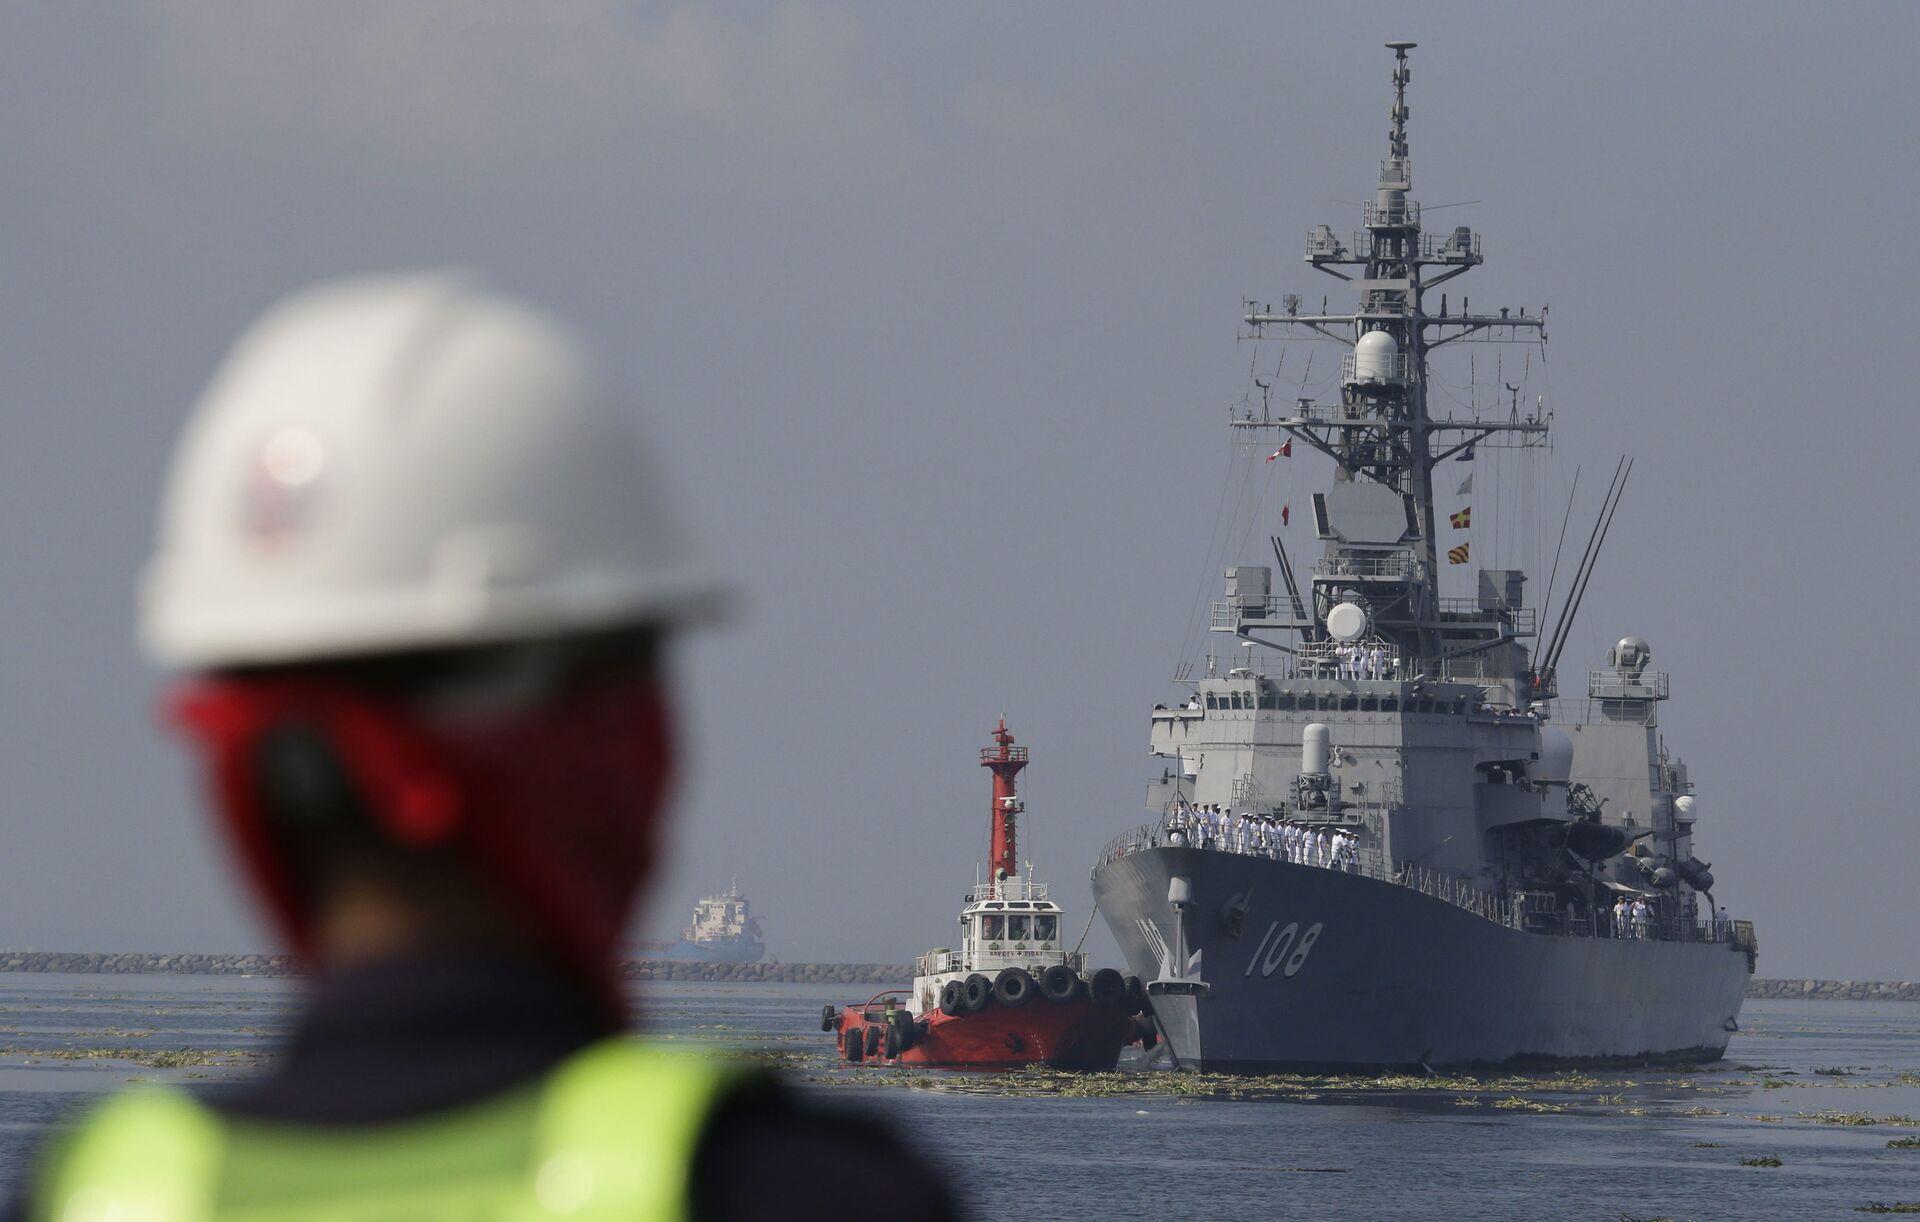 Nhật Bản tặng Việt Nam tàu nghiên cứu biển, Hà Nội-Tokyo tăng hợp tác Hải quân - Sputnik Việt Nam, 1920, 24.04.2021